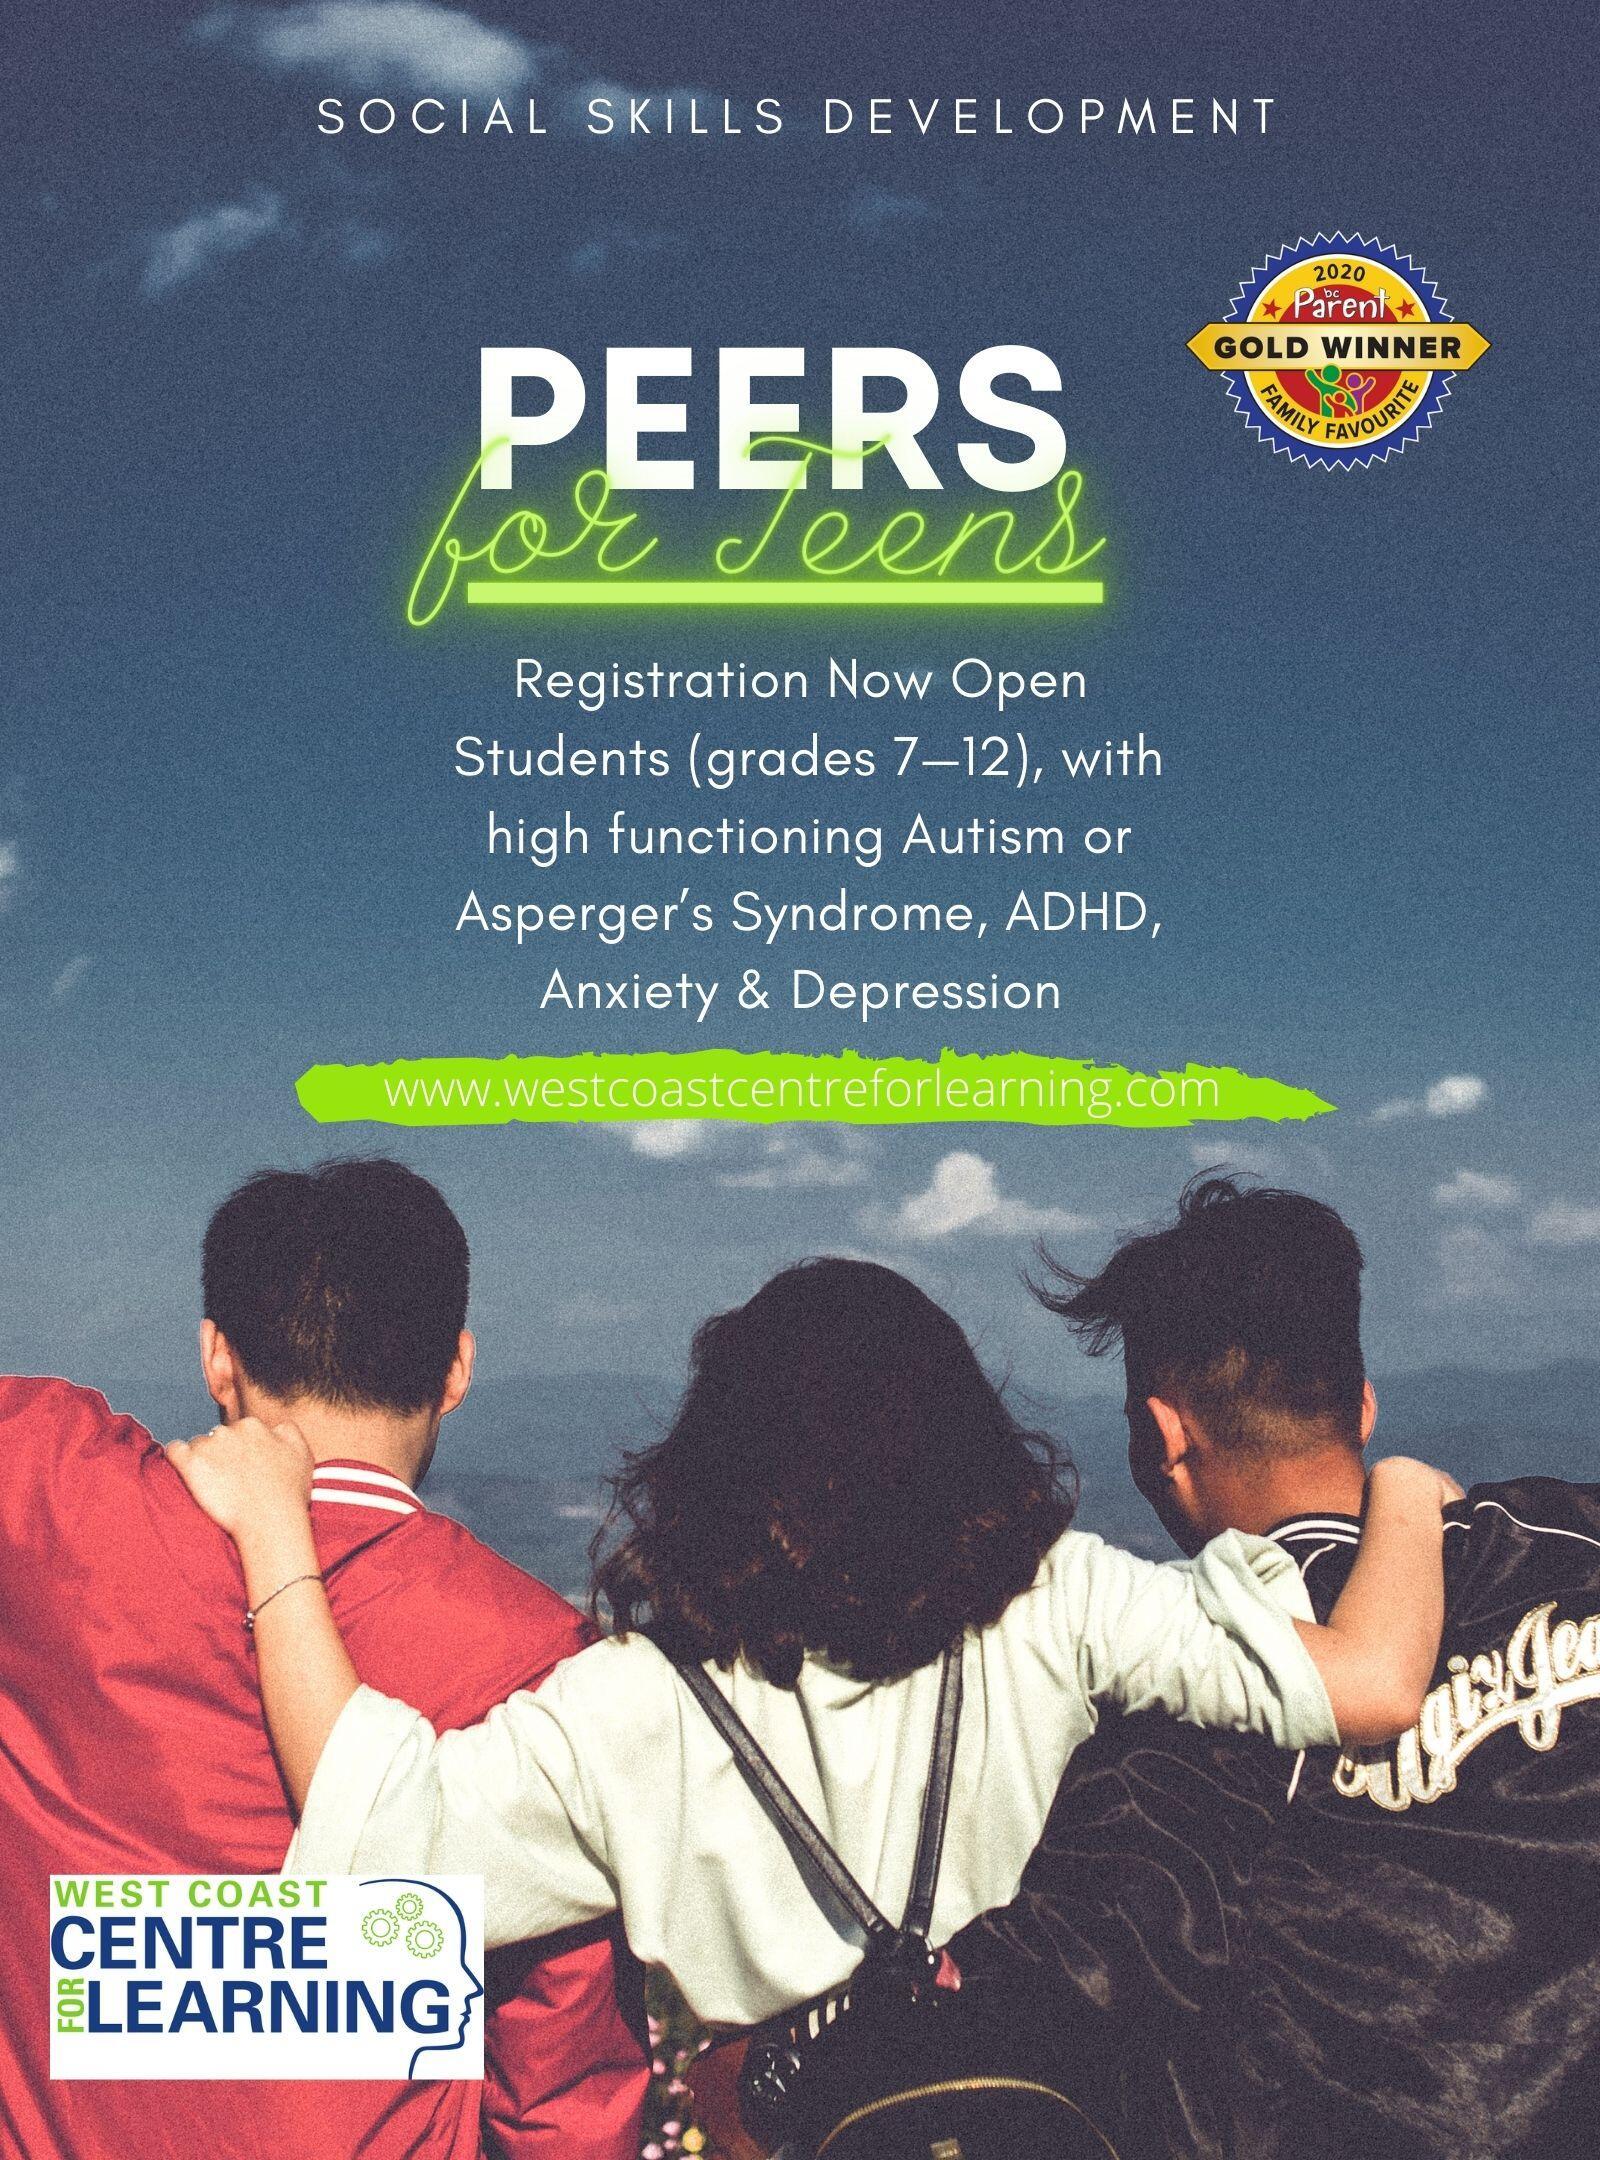 PEERS for TEENS - Online through Zoom